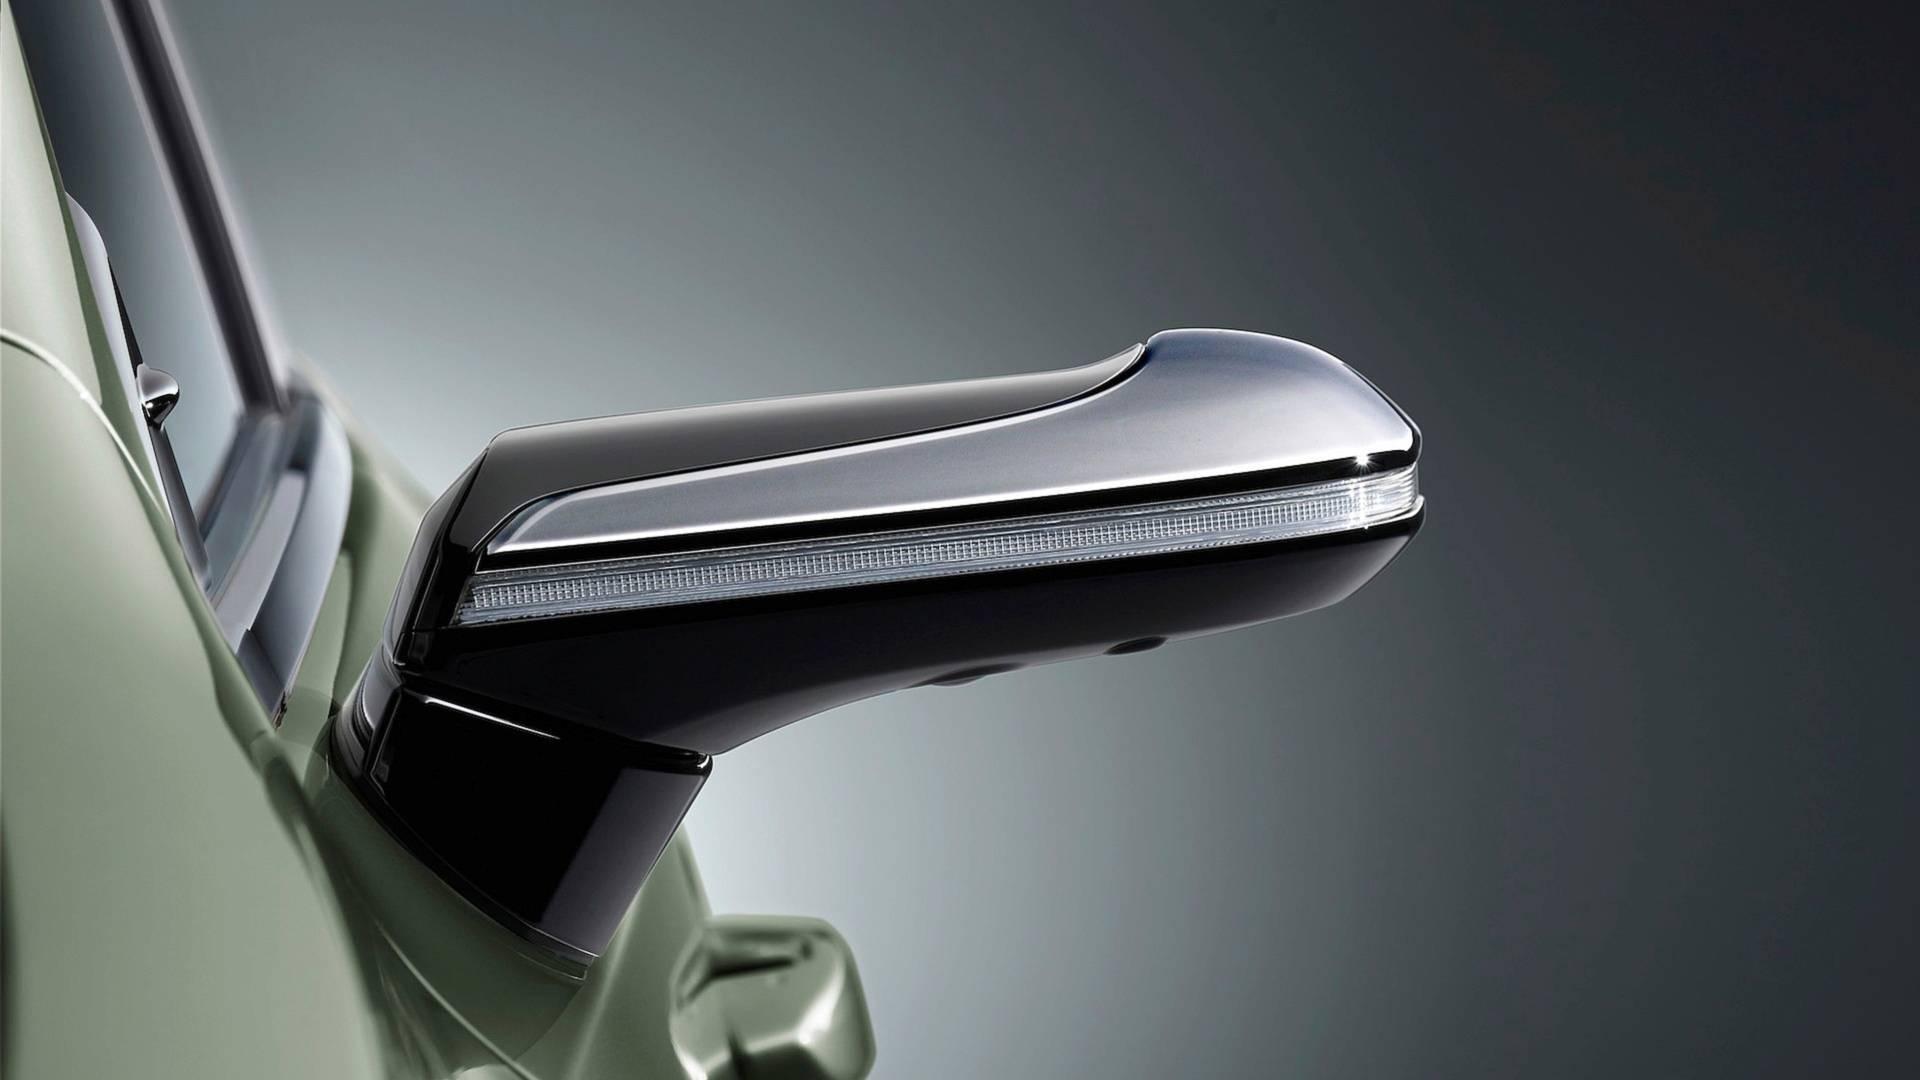 دوربینها جایگزین آینههای جانبی در لکسوس (+عکس) - 7